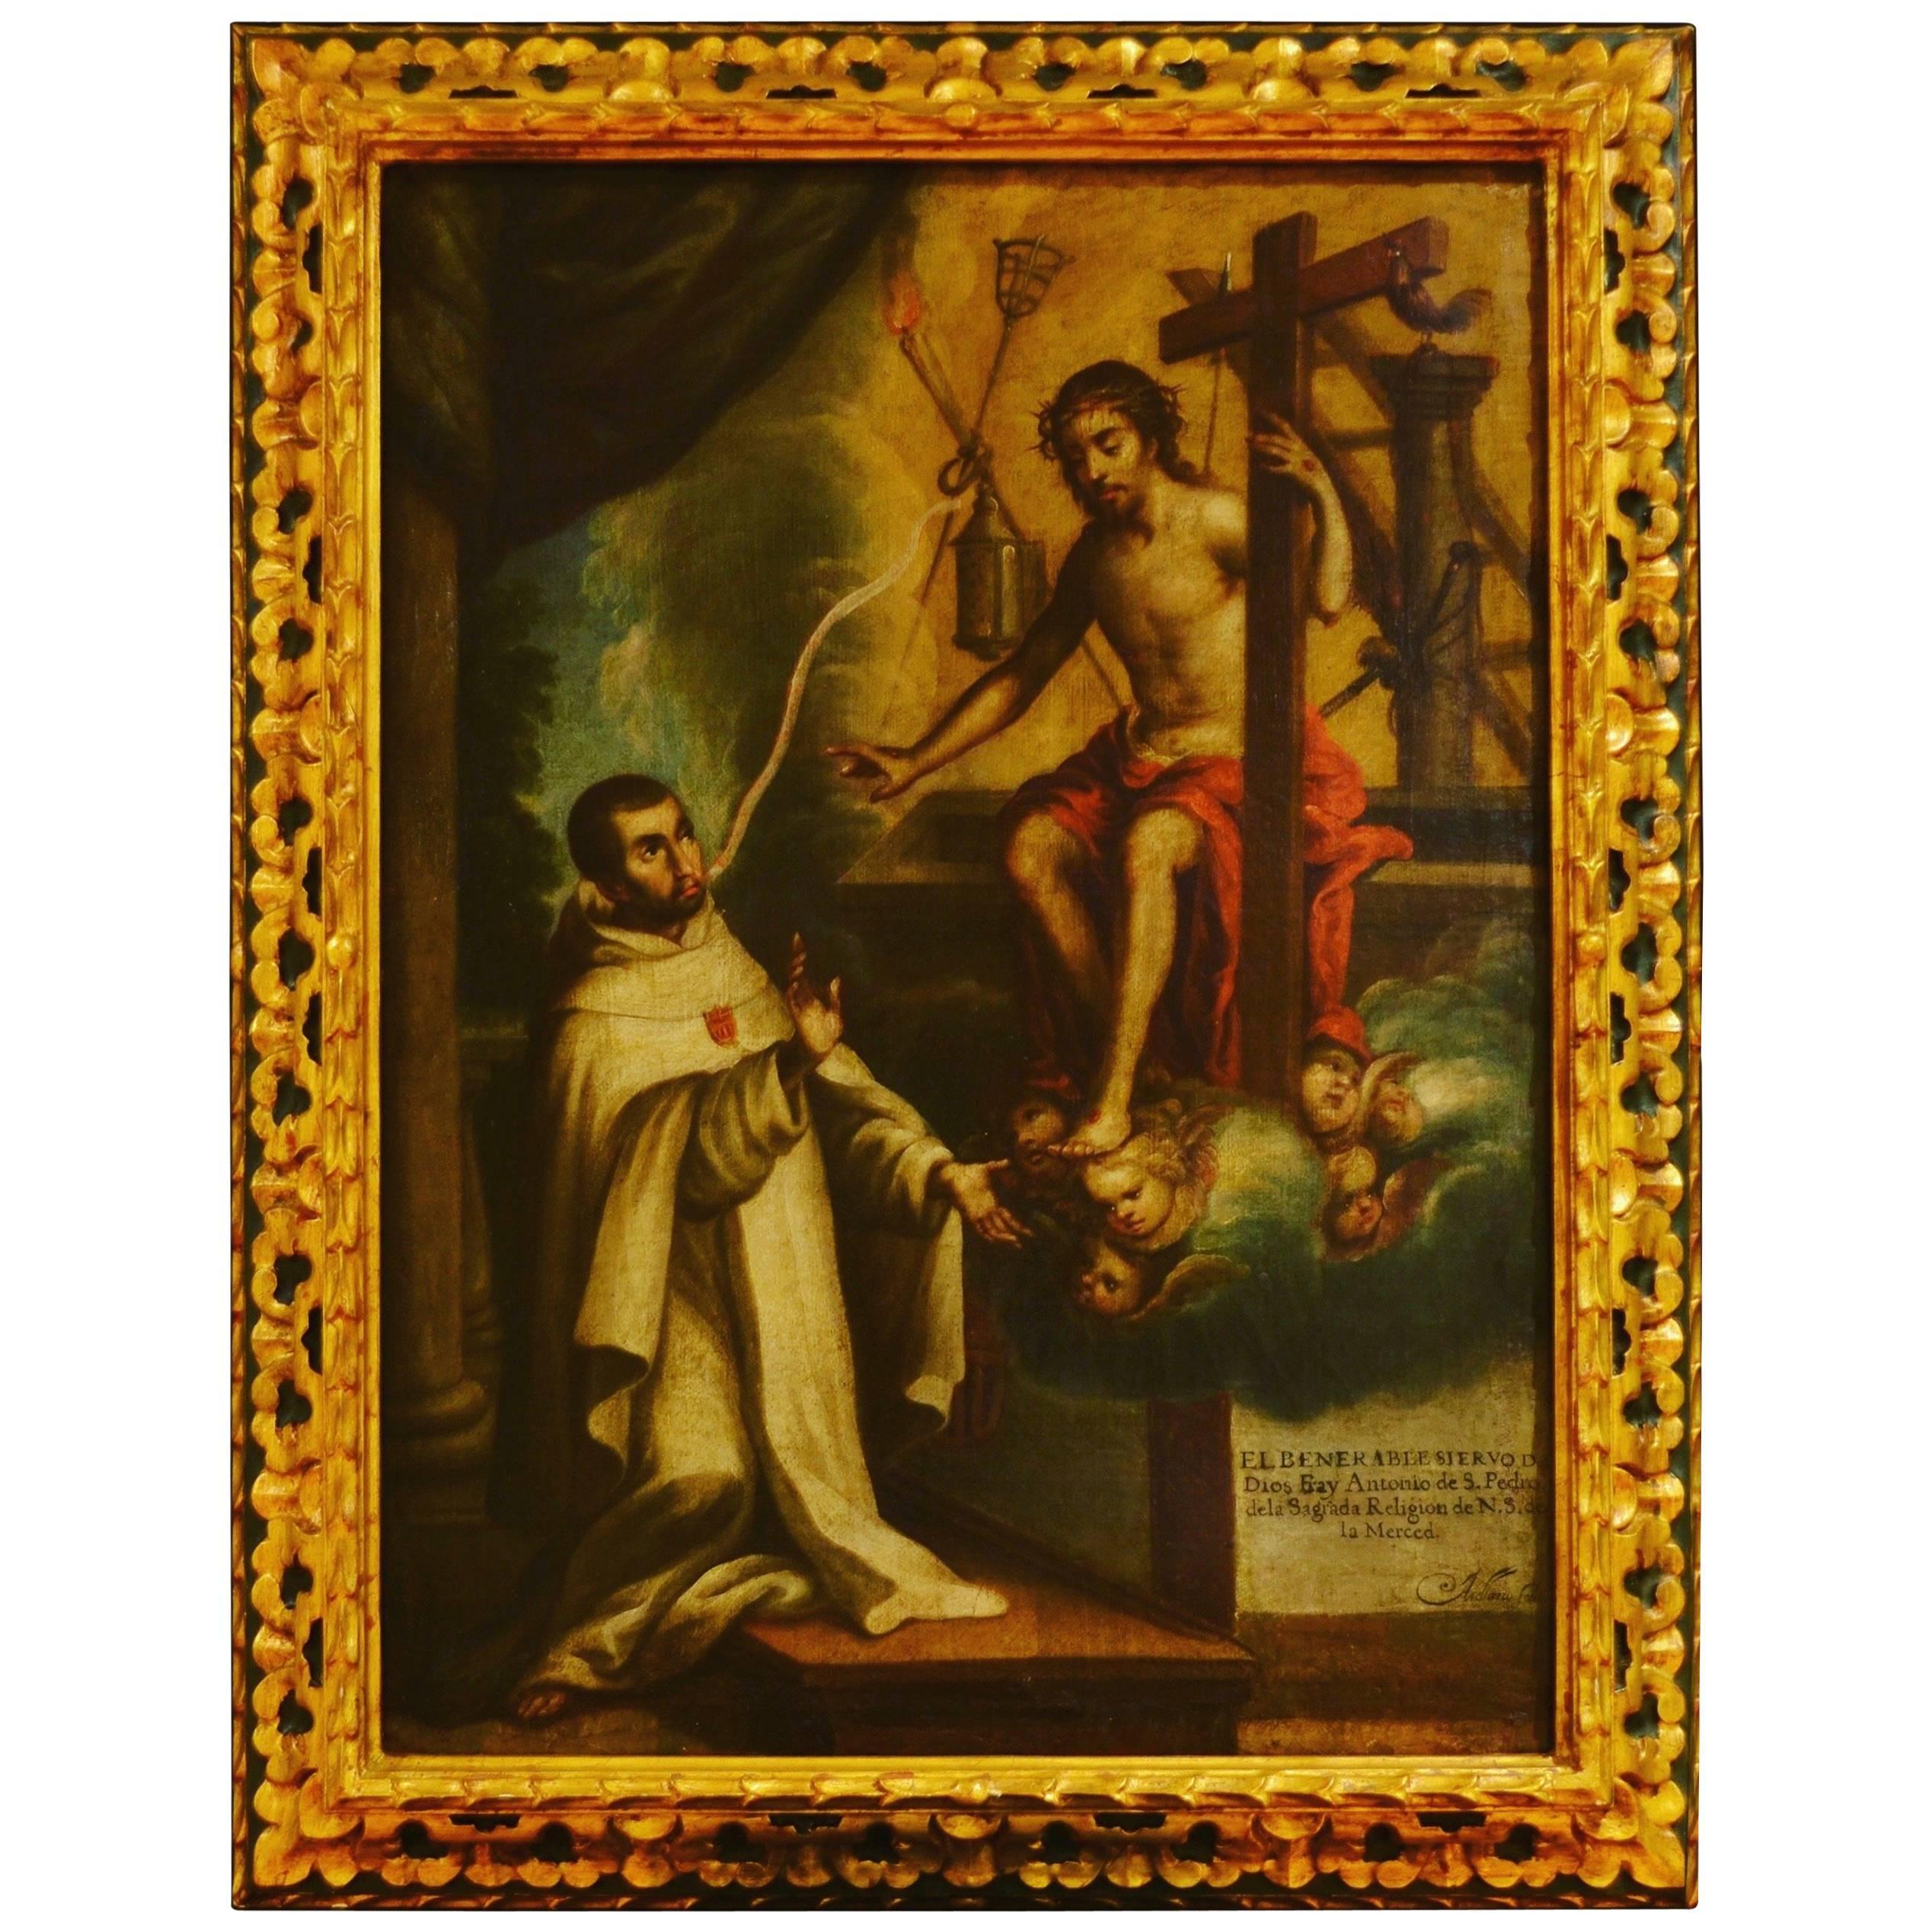 Fray Antonio de San Pedro by Manuel de Arellano, XVII Century